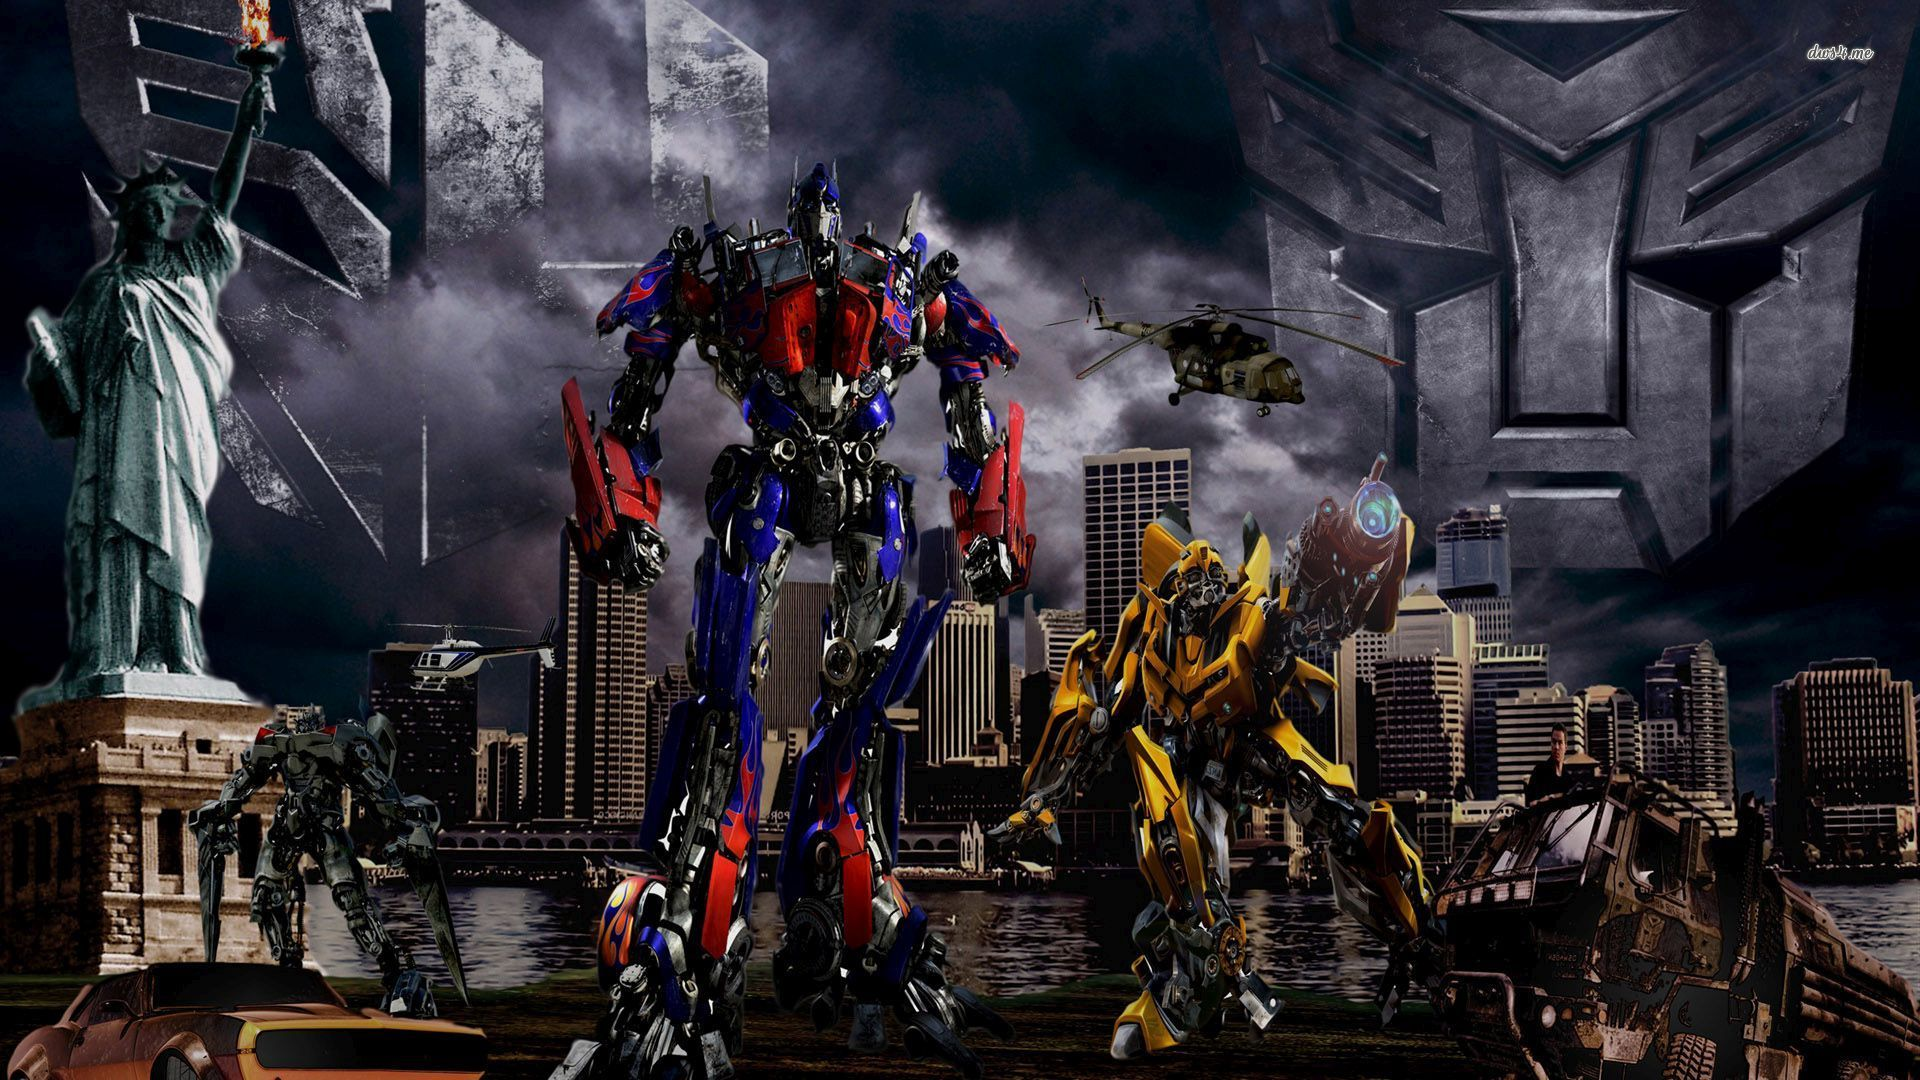 Transformers 4k wallpaper wallpapersafari - Wallpapers transformers 4 ...